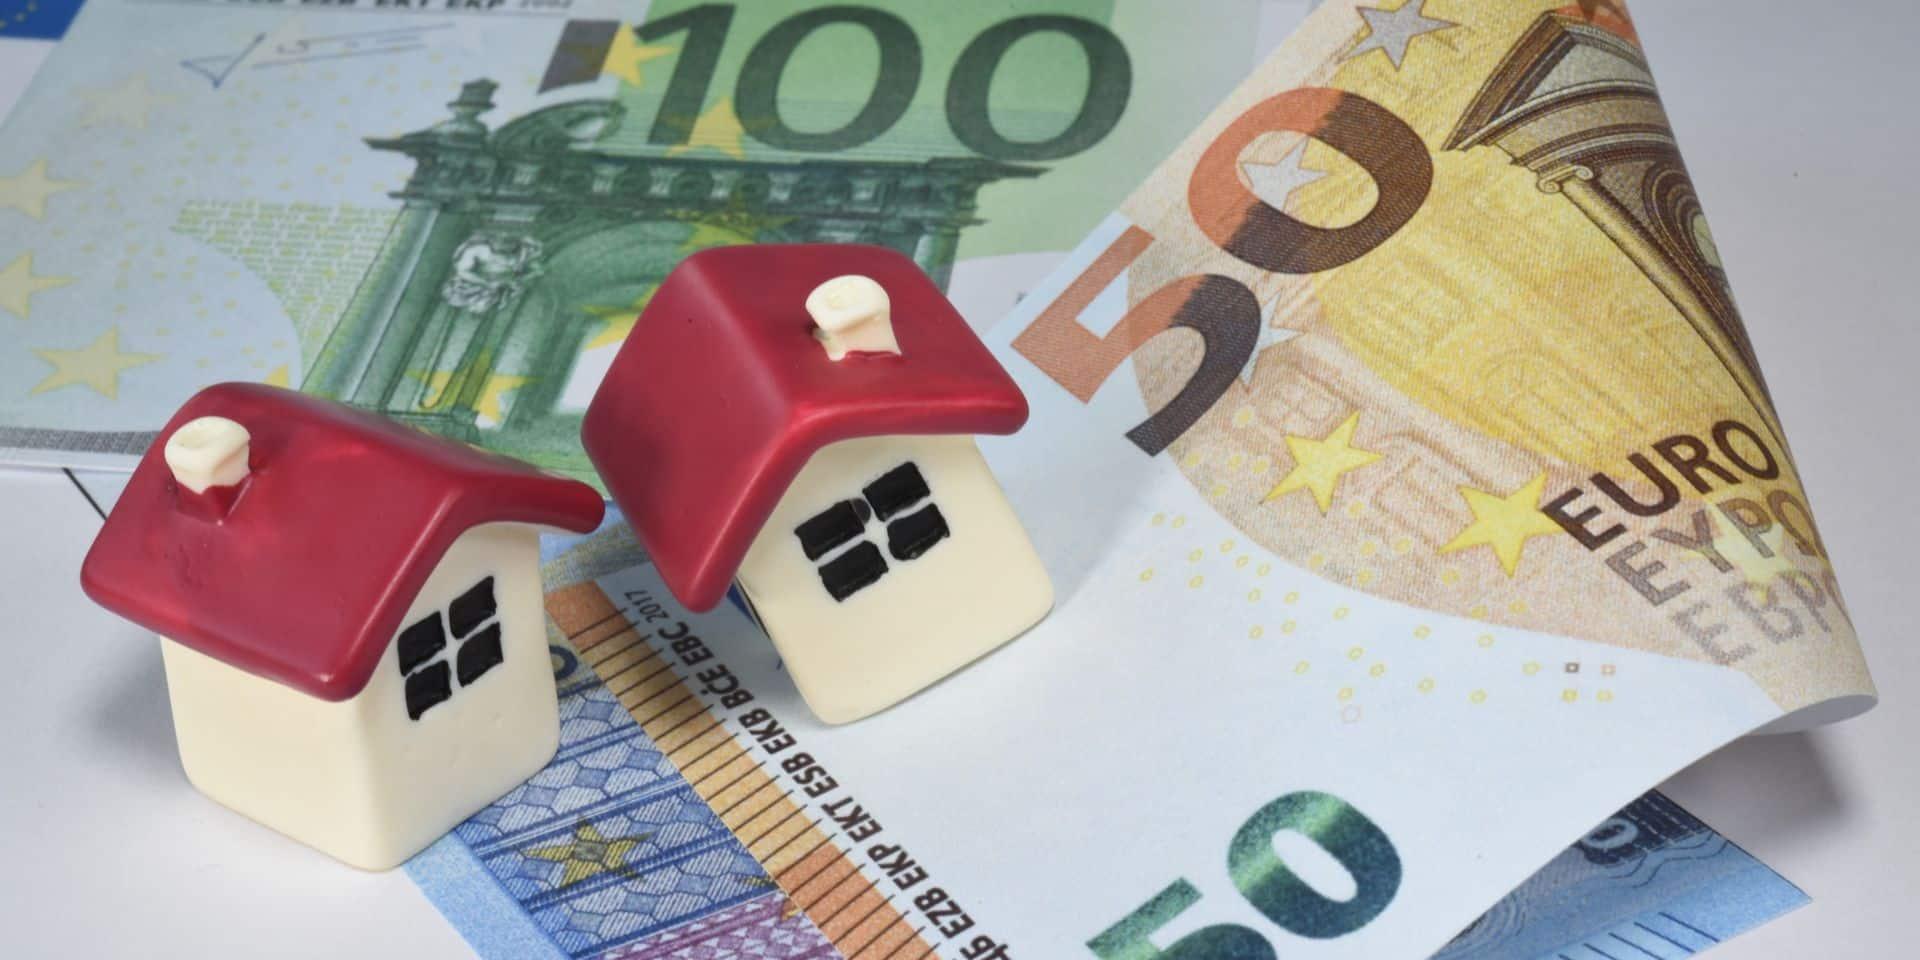 Prix des terrains, normes écologiques, rapport à la propriété différent: l'immobilier s'attend à voir chuter le nombre de propriétaires